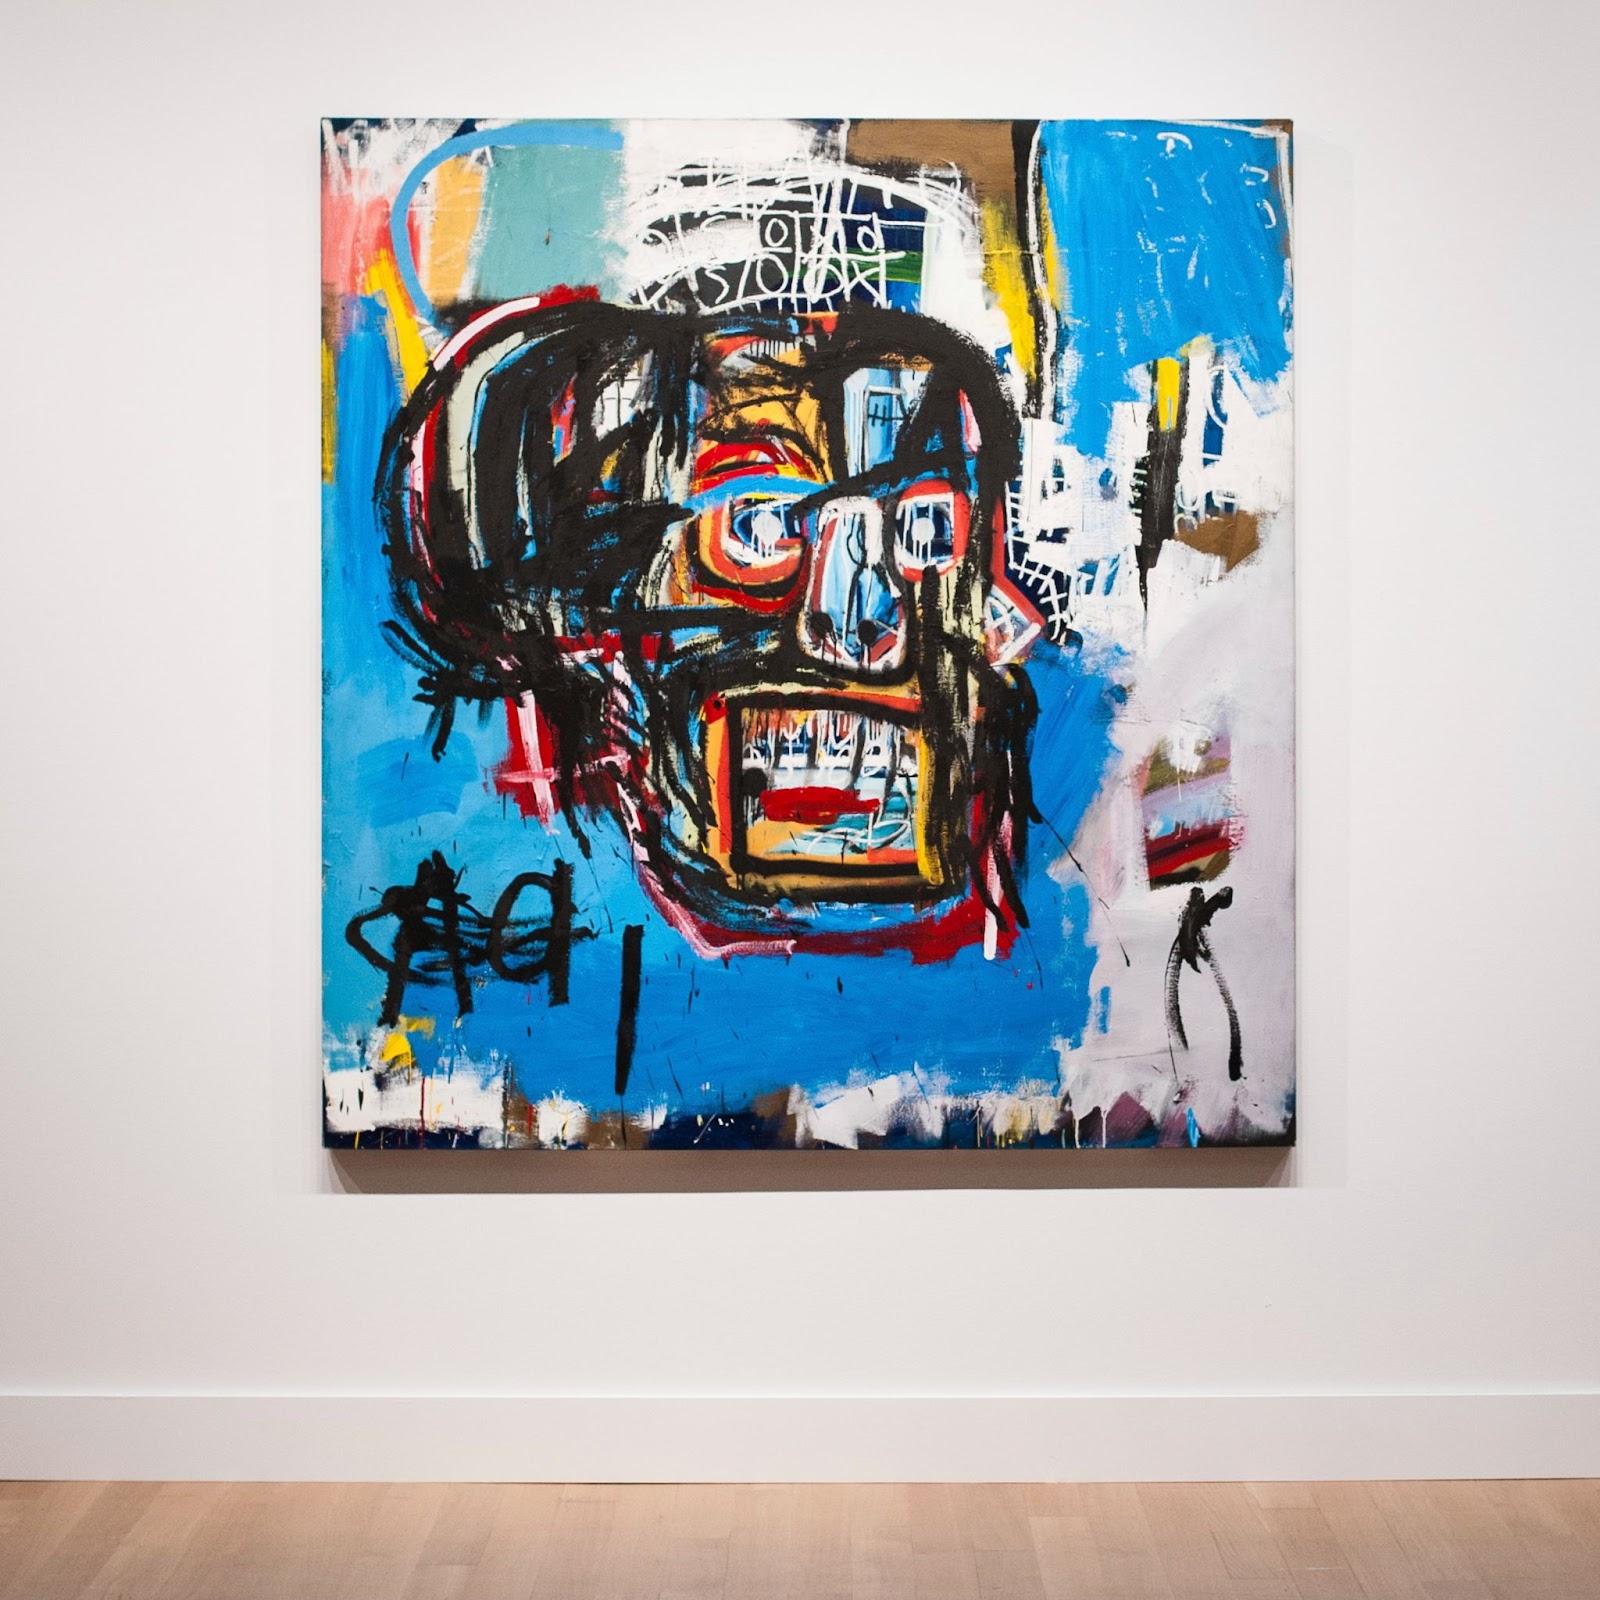 Устойчивая популярность Жана-Мишеля Баския: почему творчество звезды искусства 80-х годов до сих пор остается актуальным.